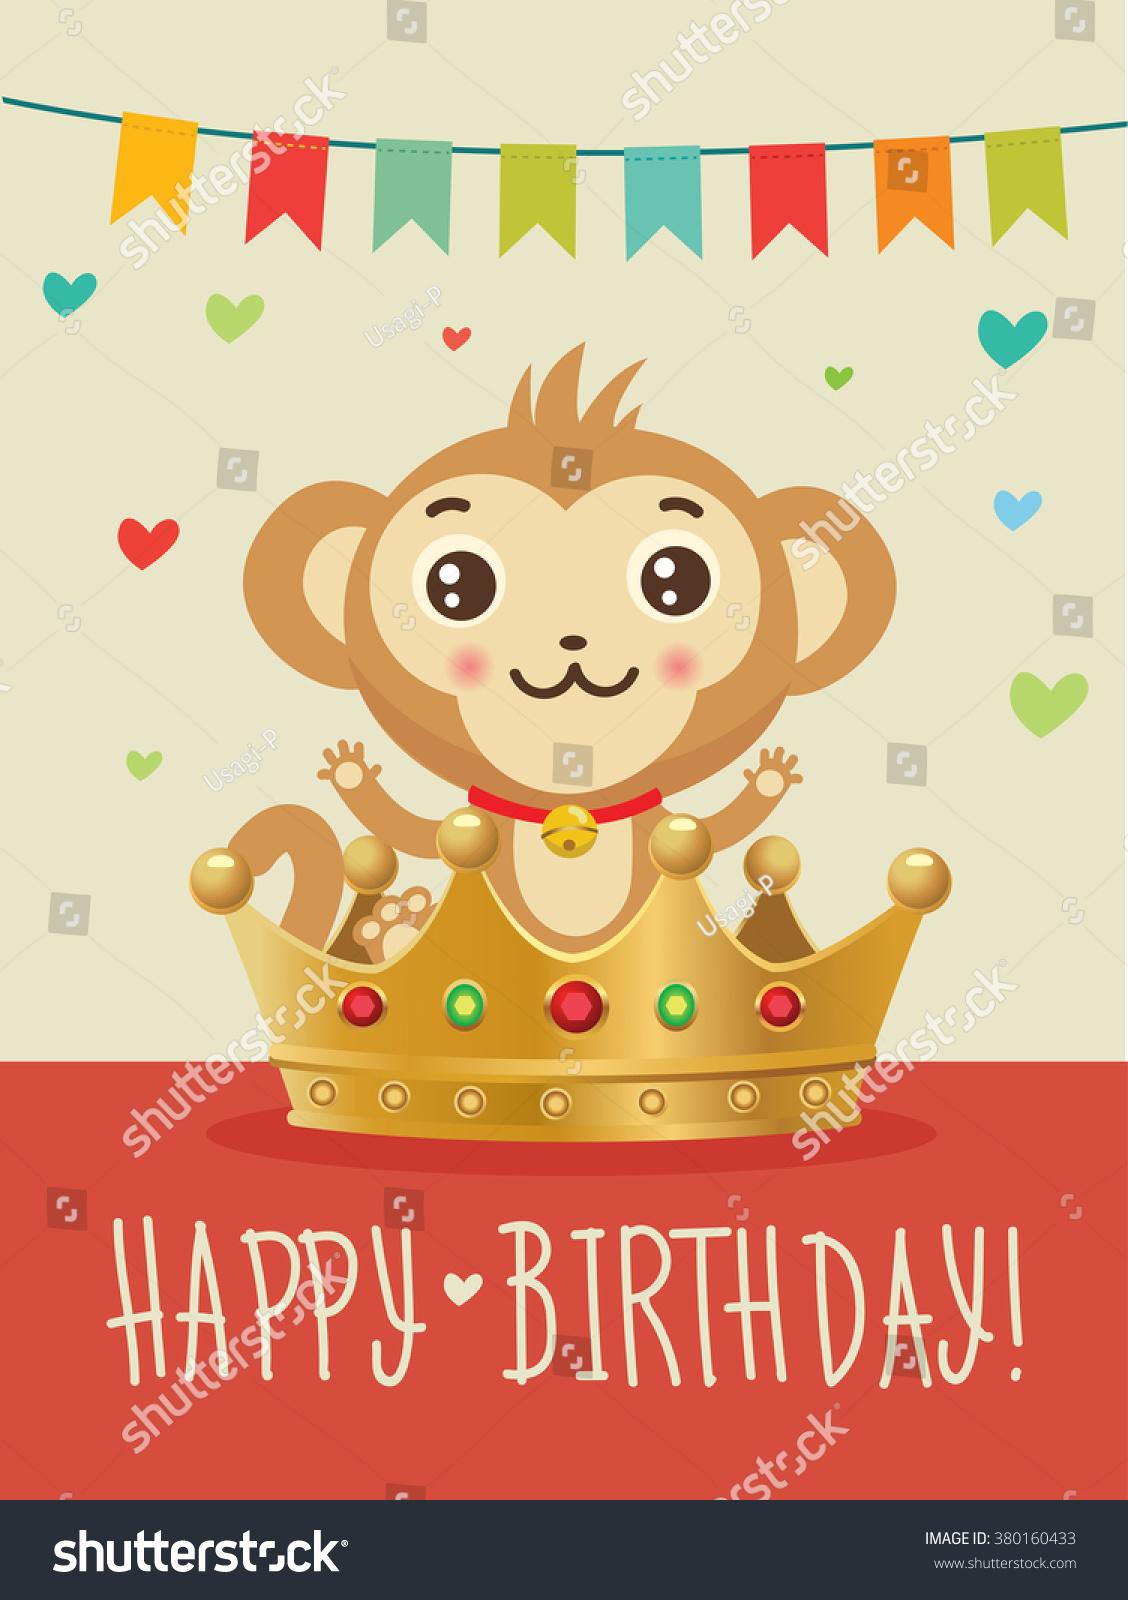 Happy Birthday Youchinese Zodiac Monkey Greeting Vector – Monkey Birthday Card